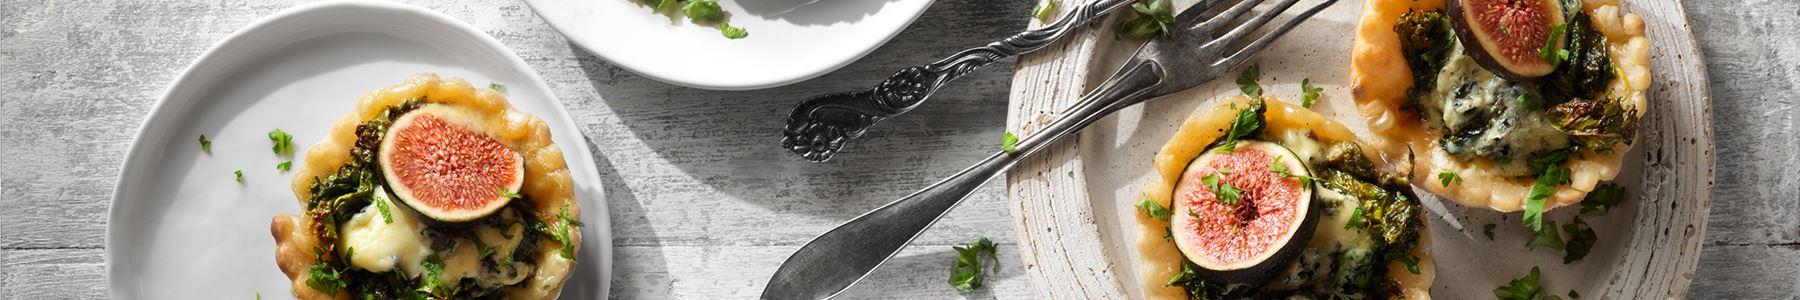 Grönkål + Ädelost + Smördeg